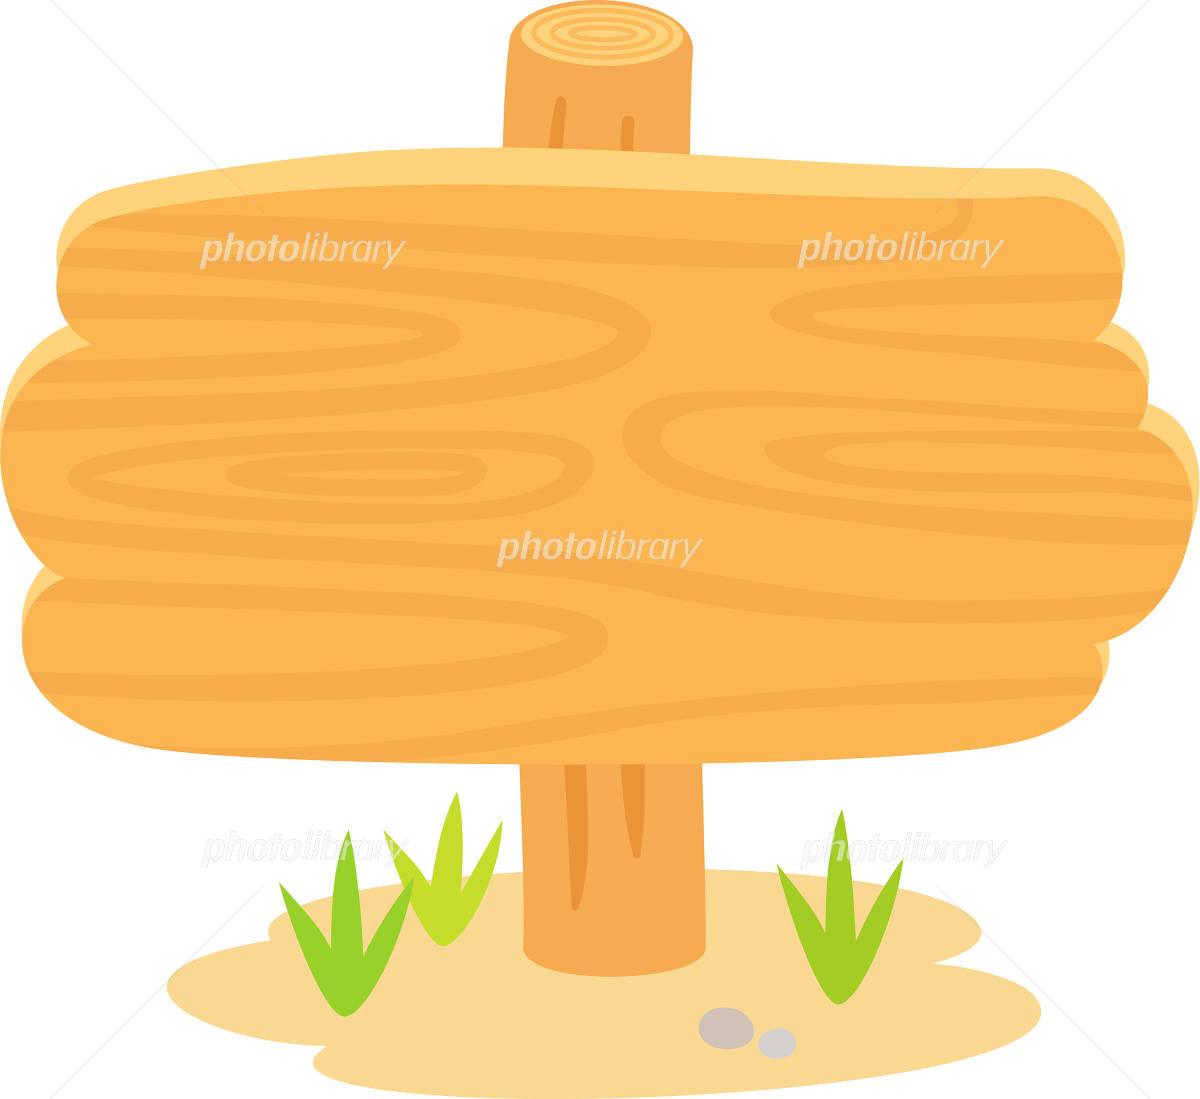 木の立て札 イラスト素材 4912945 フォトライブラリー Photolibrary